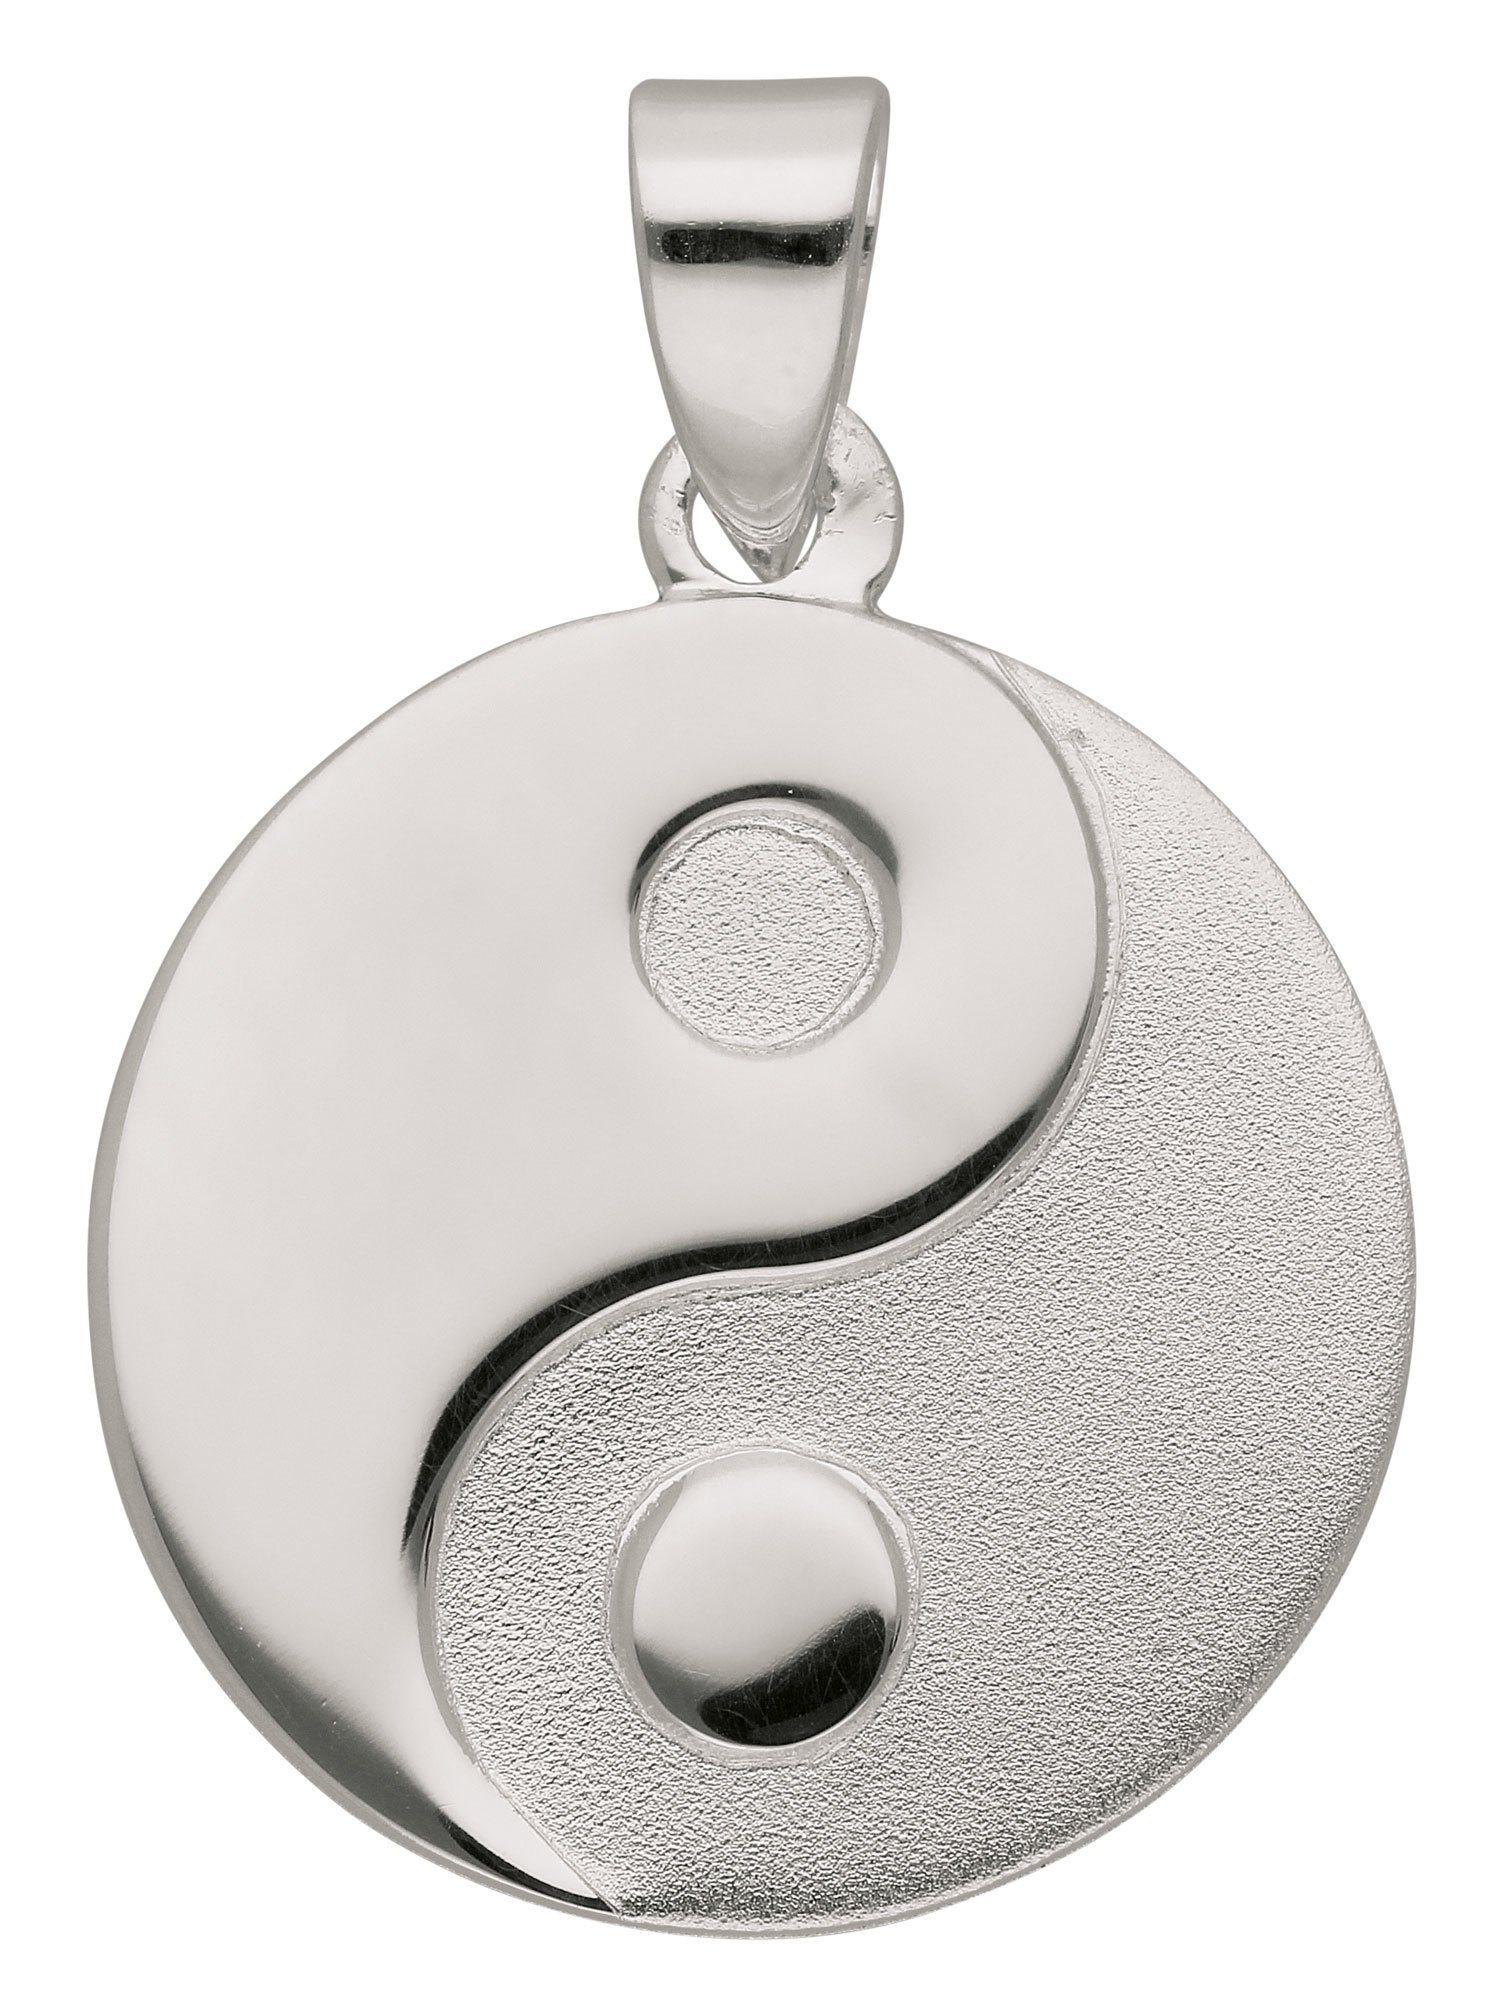 Adelia´s Kettenanhänger »Silber Anhänger« Ying Yang 925 Sterling Silber Ø 1.58 cm | Schmuck > Halsketten > Ketten ohne Anhänger | Silber | Adelia´s